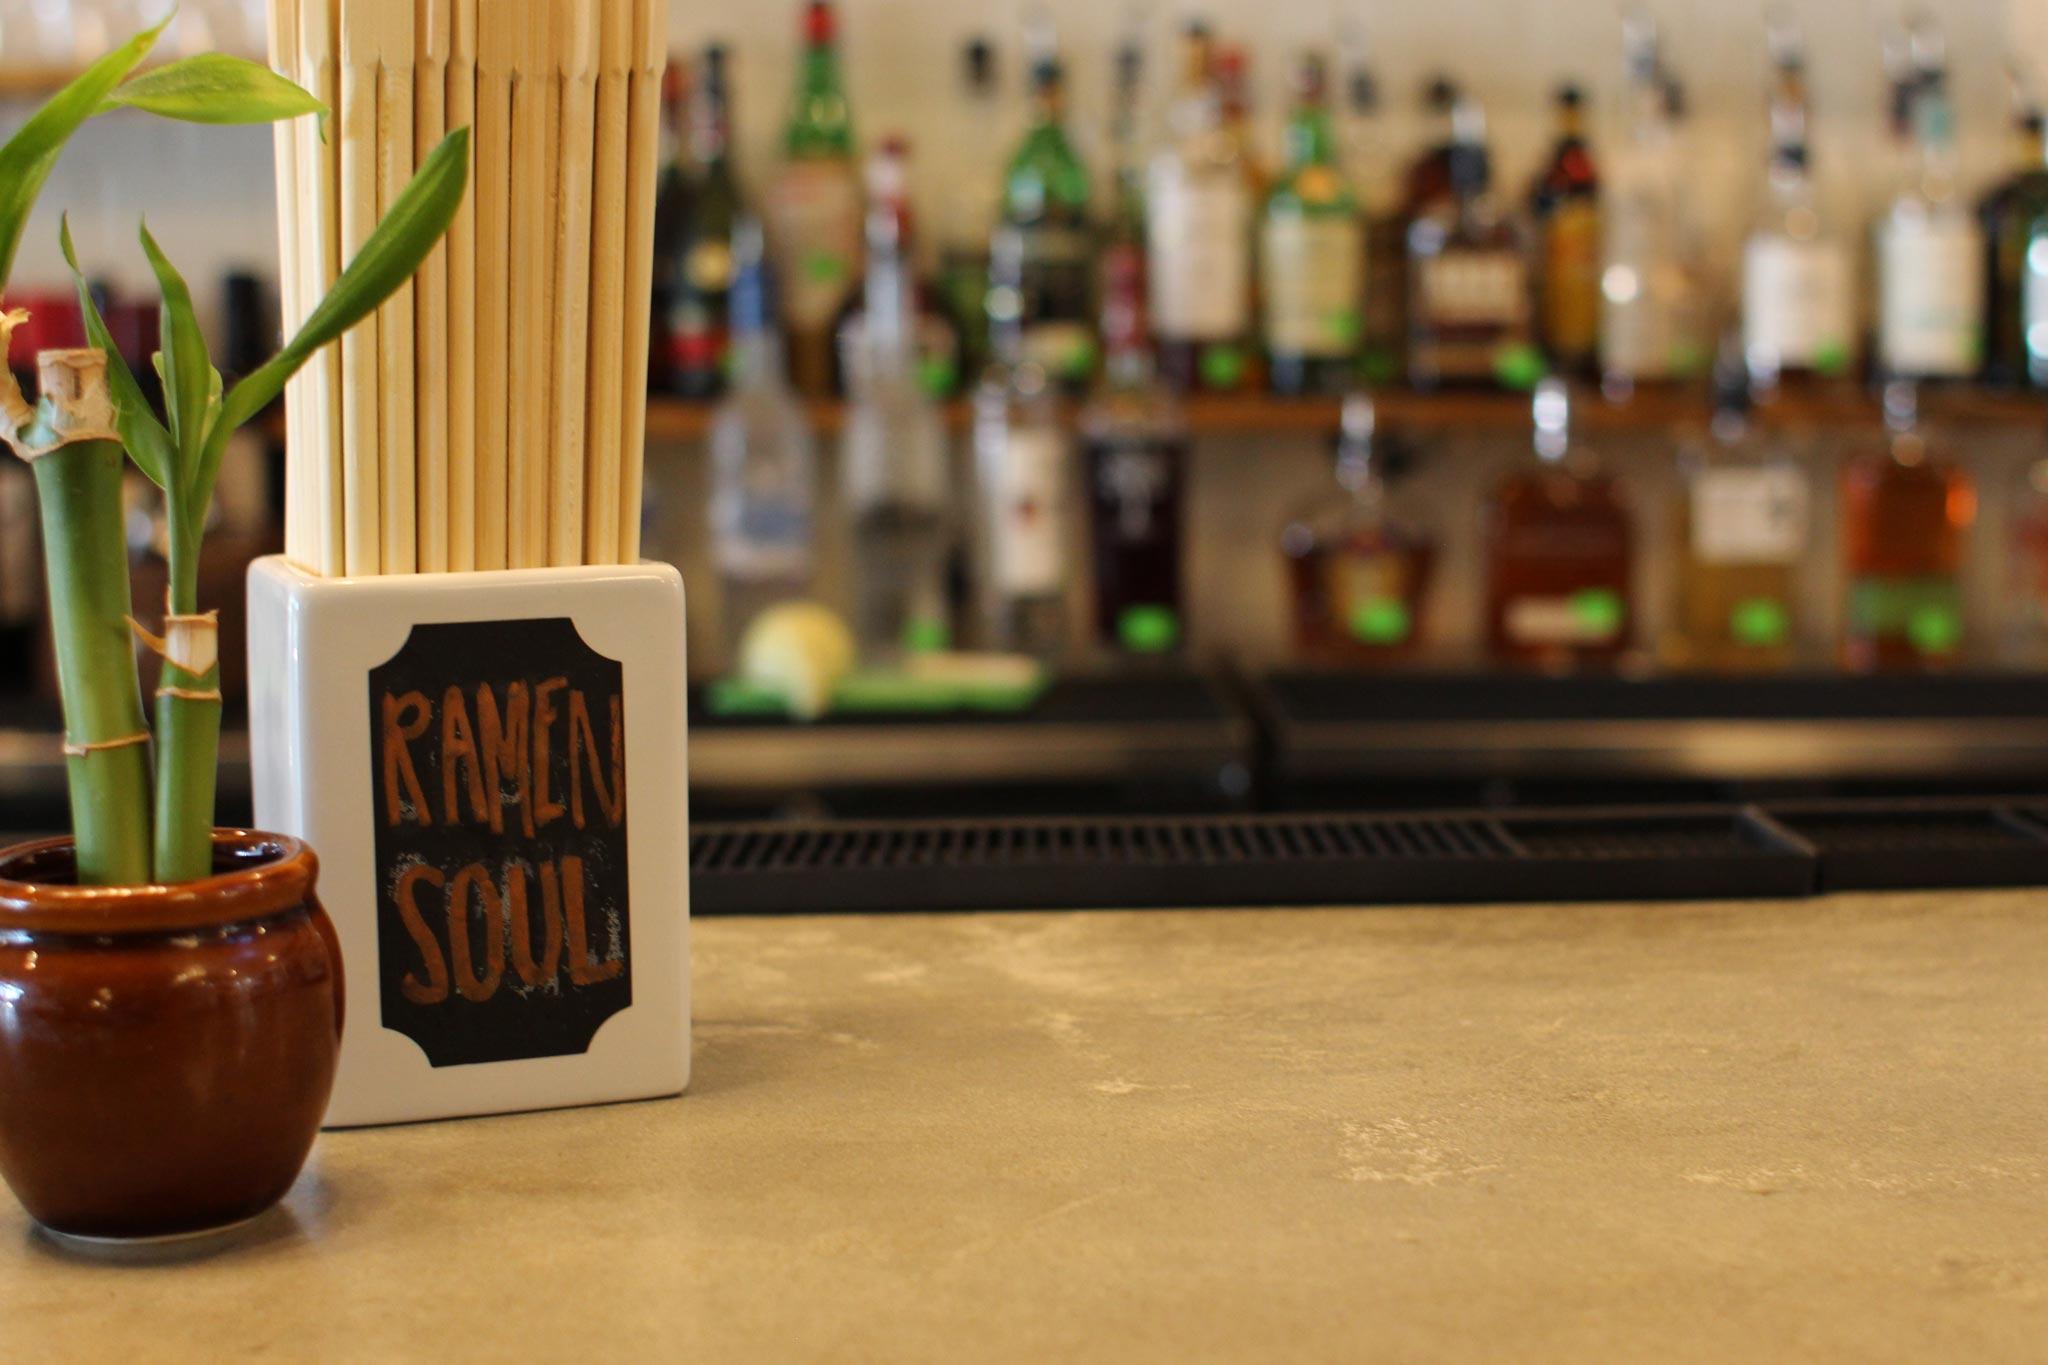 ramen-soul-bar-area.jpg